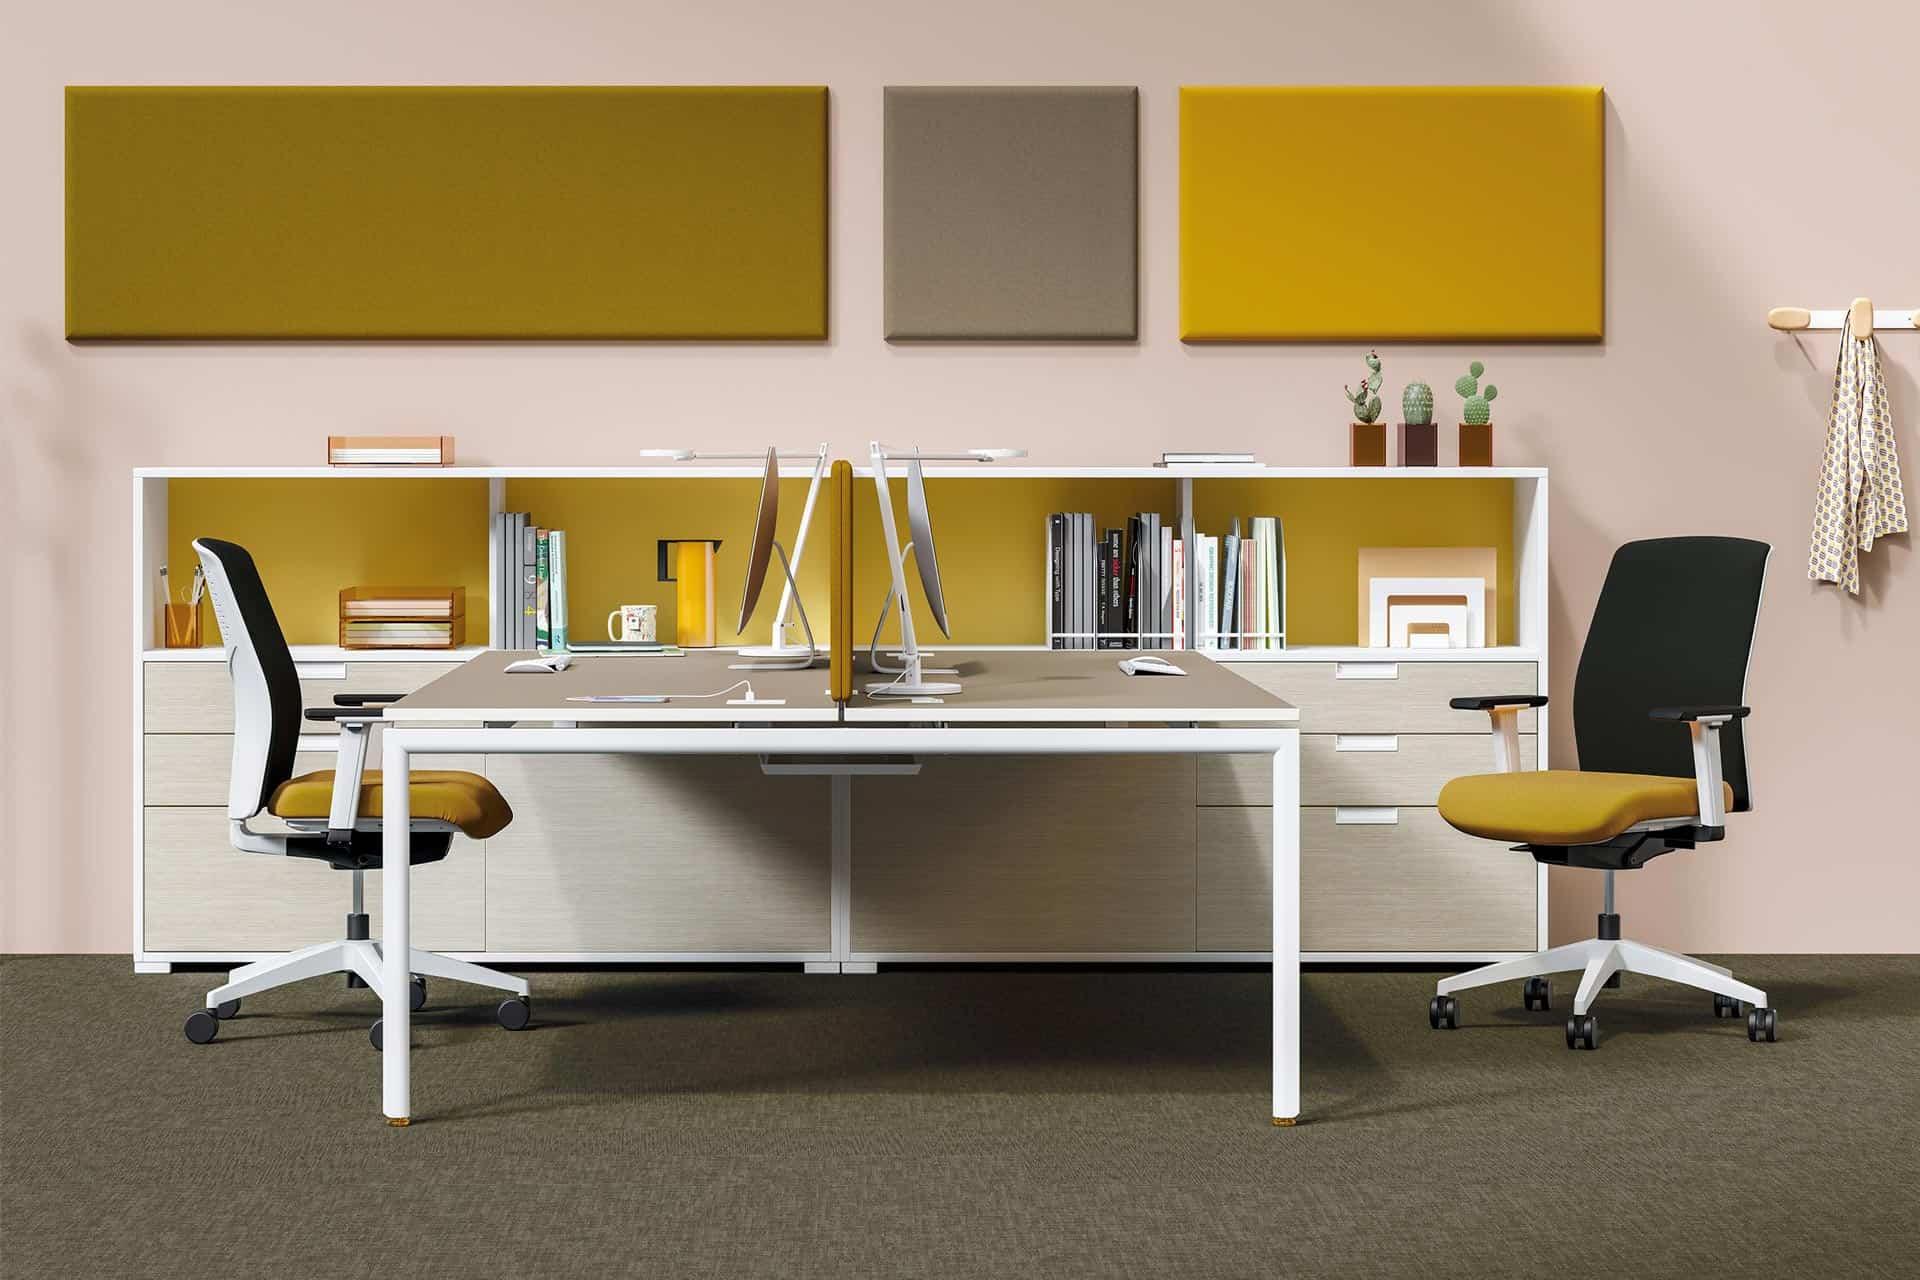 mobilier de bureau à Caen (Calvados -14) en Normandie - Clen bureaux 03